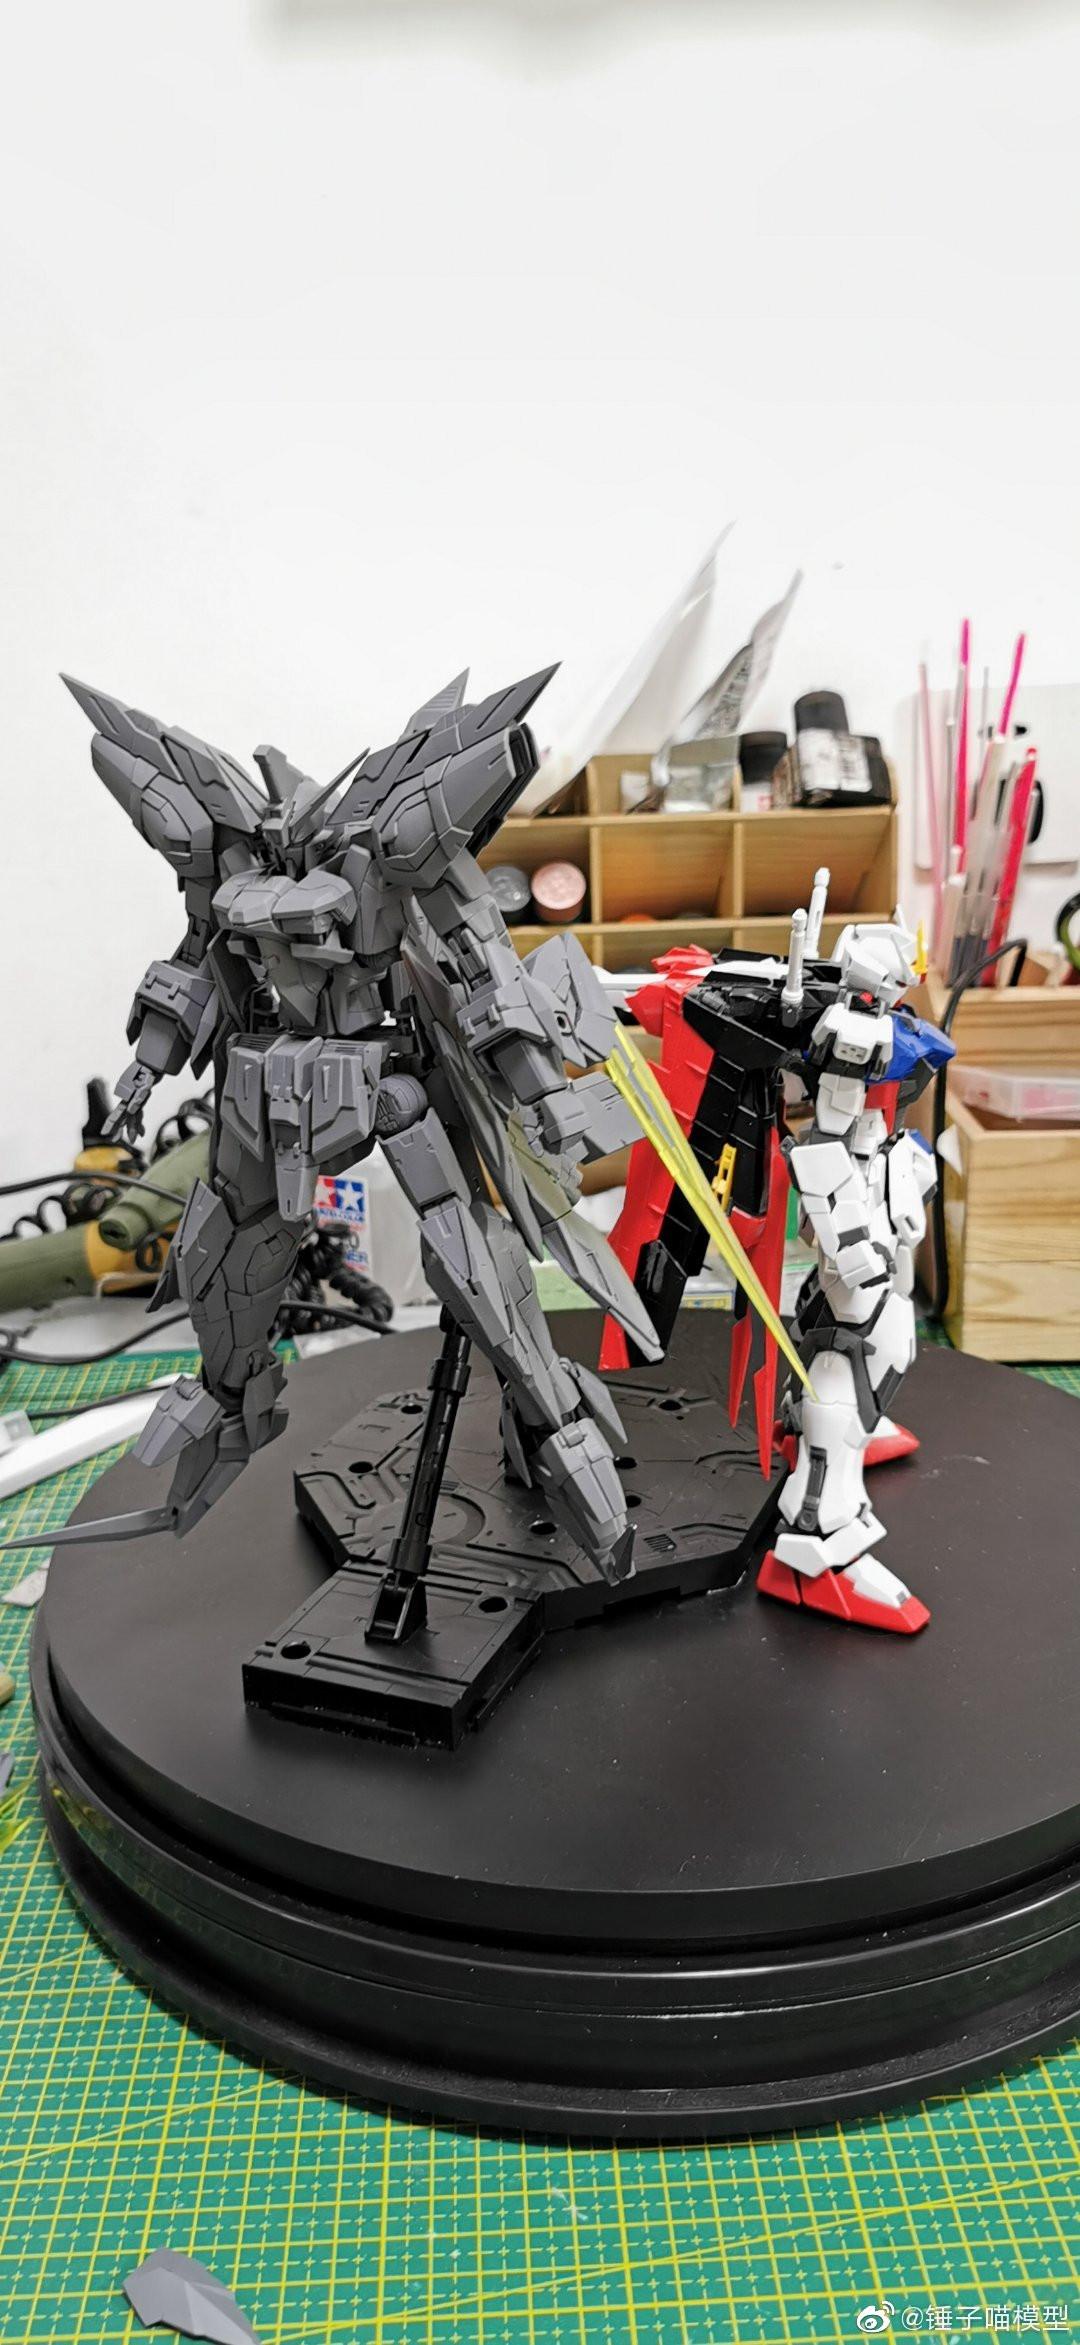 G579_GAT_X303_Aegis_Gundam_020.jpg